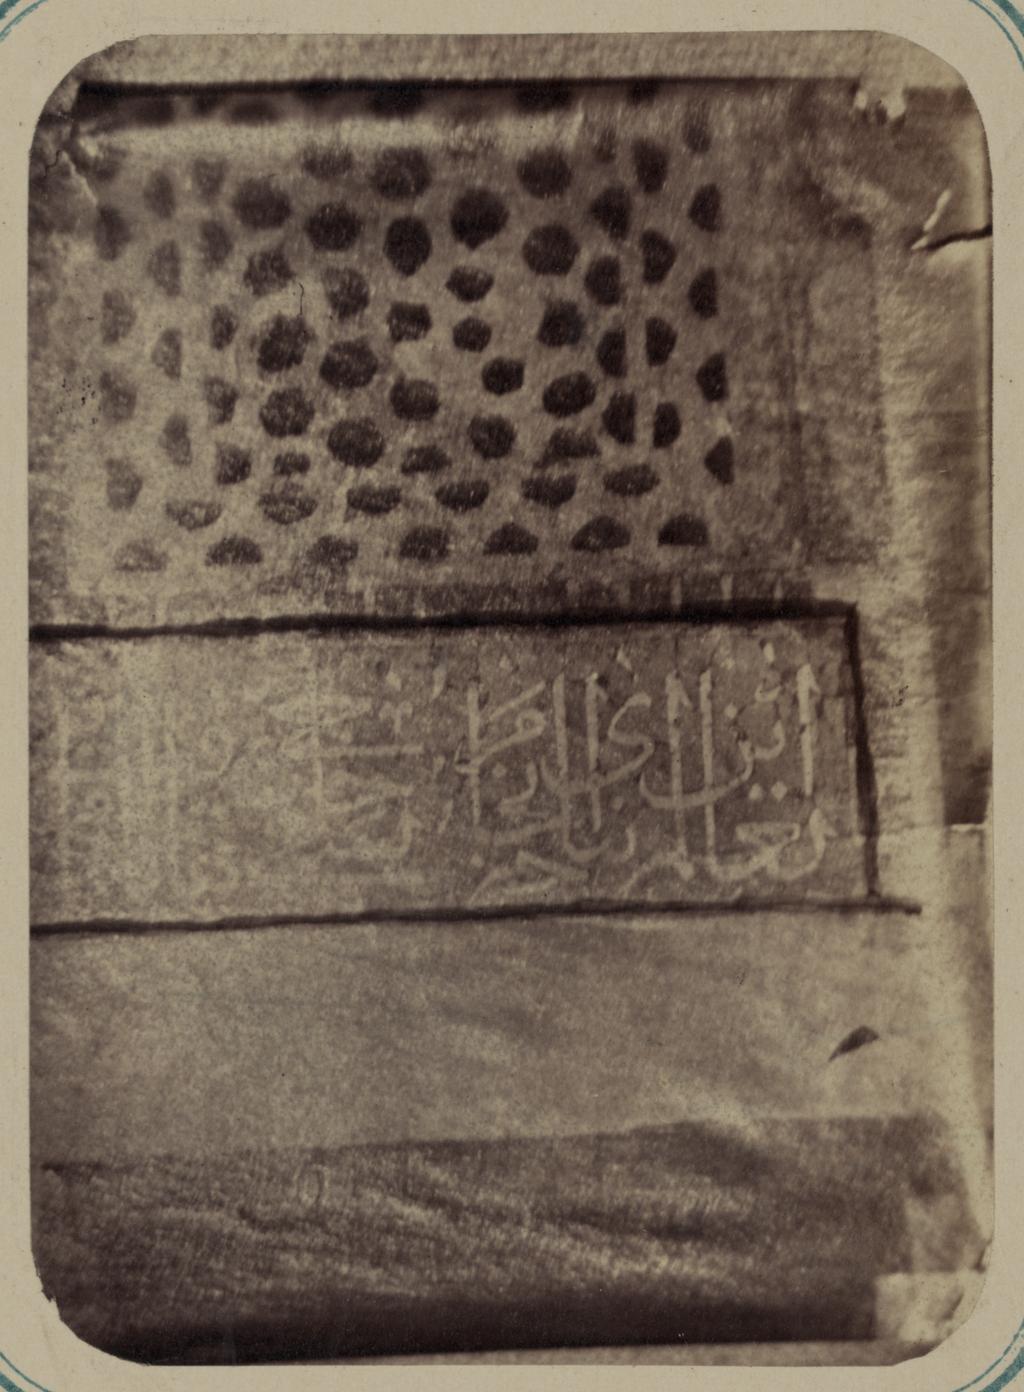 Медресе Надир Диван-Беги. Внутренняя дверь. Надпись над входом в кельи